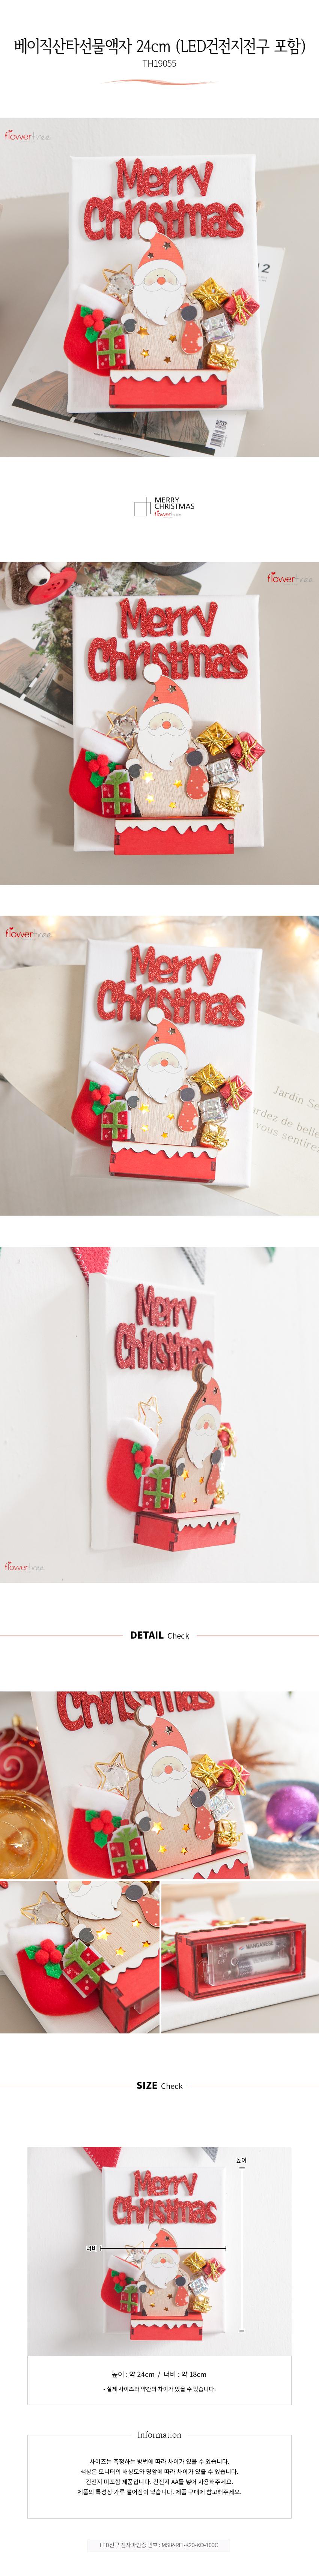 베이직산타선물액자 24cmP 크리스마스 장식 TRFAHM - 플라워트리, 19,800원, 장식품, 크리스마스소품